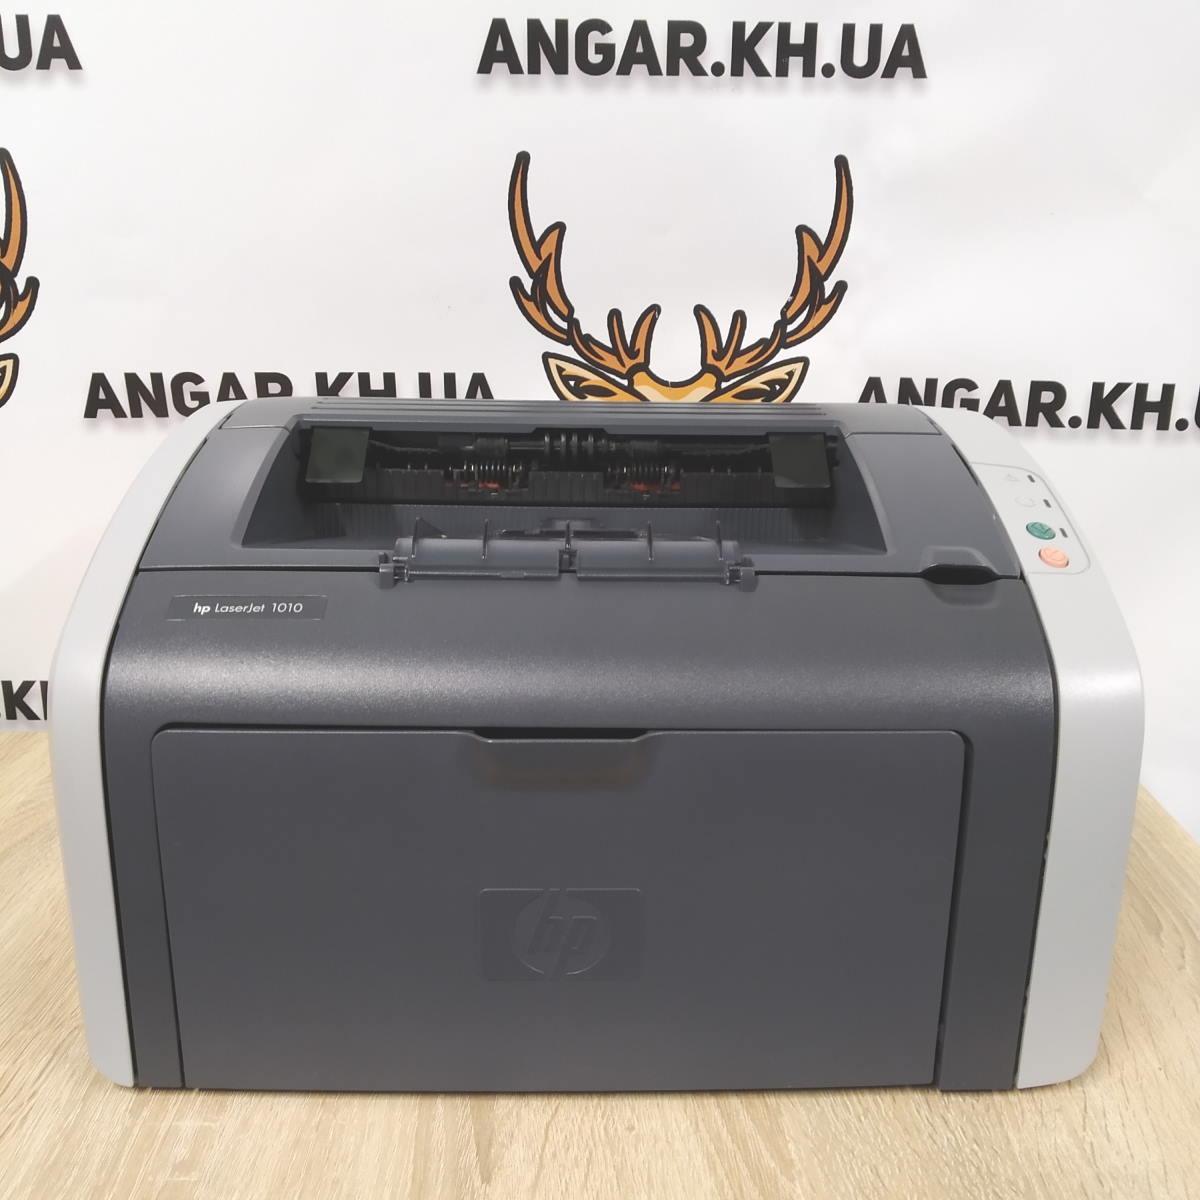 Принтер бу лазерный ч/б HP LaserJet 1010